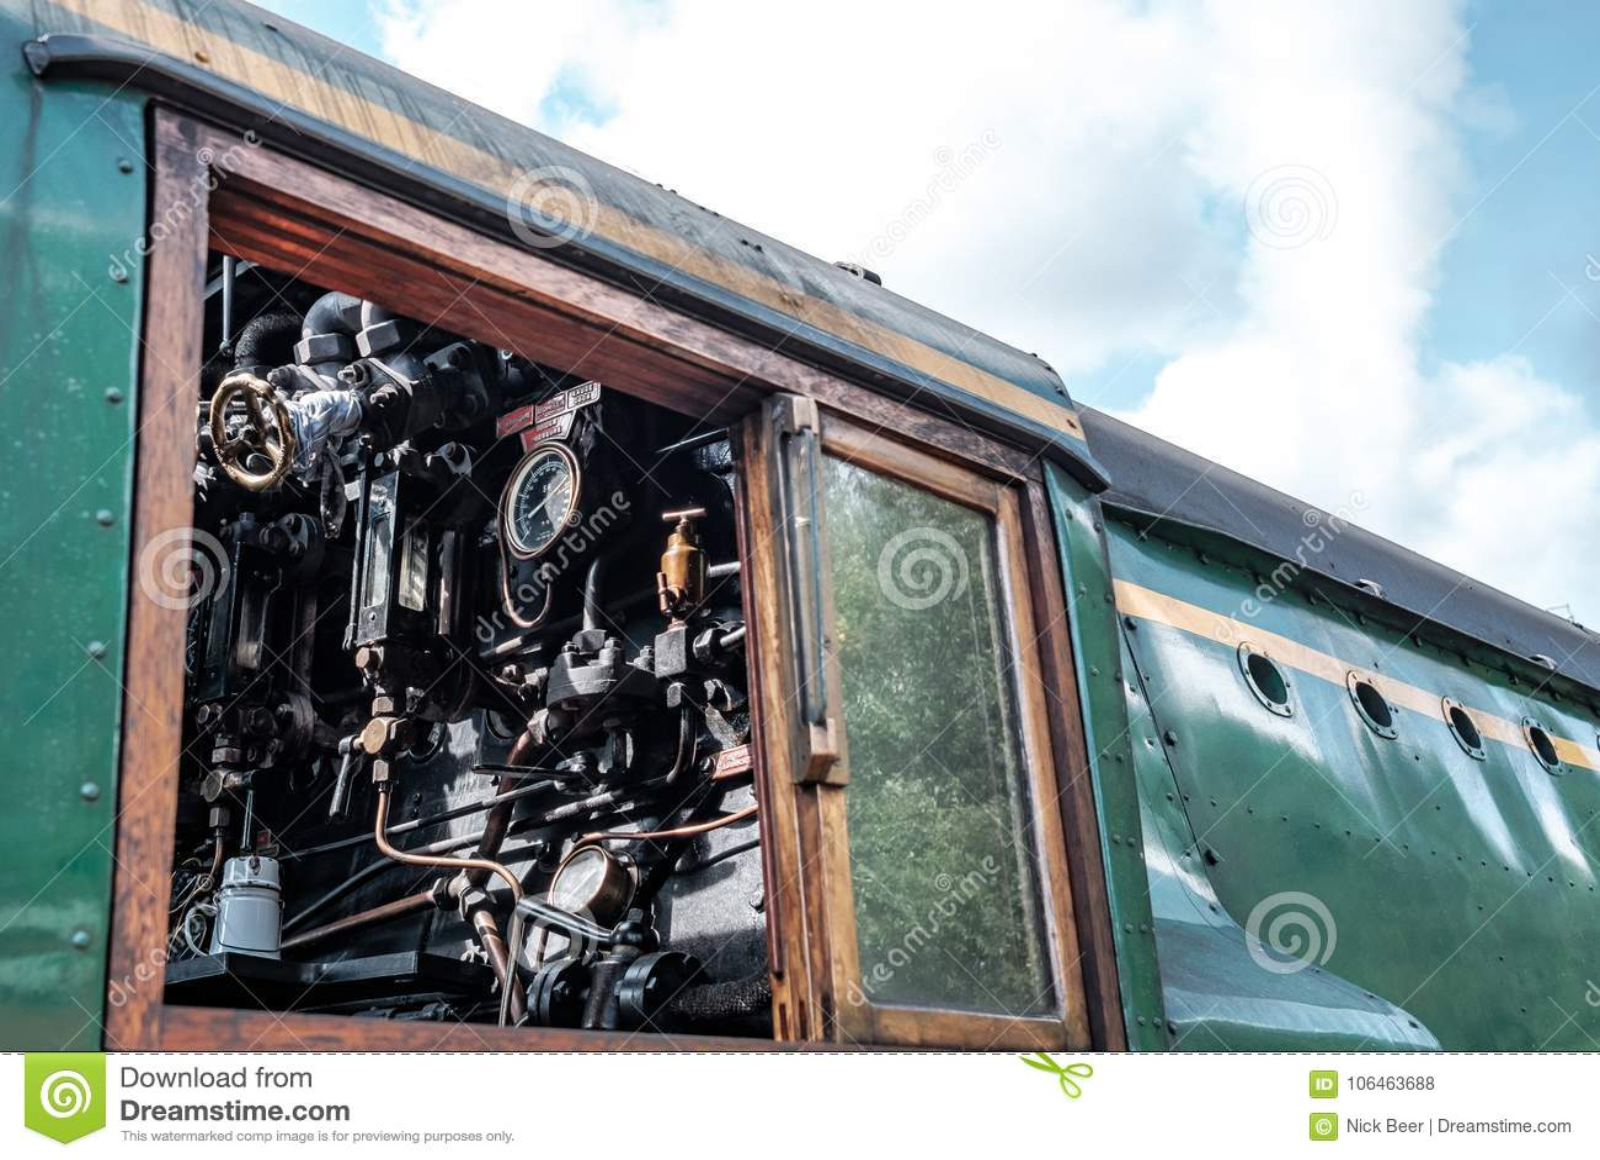 Vue de côté d une locomotive à vapeur britannique célèbre, montrant le détail de la cabine d entraînement, avec ses mesures et ca